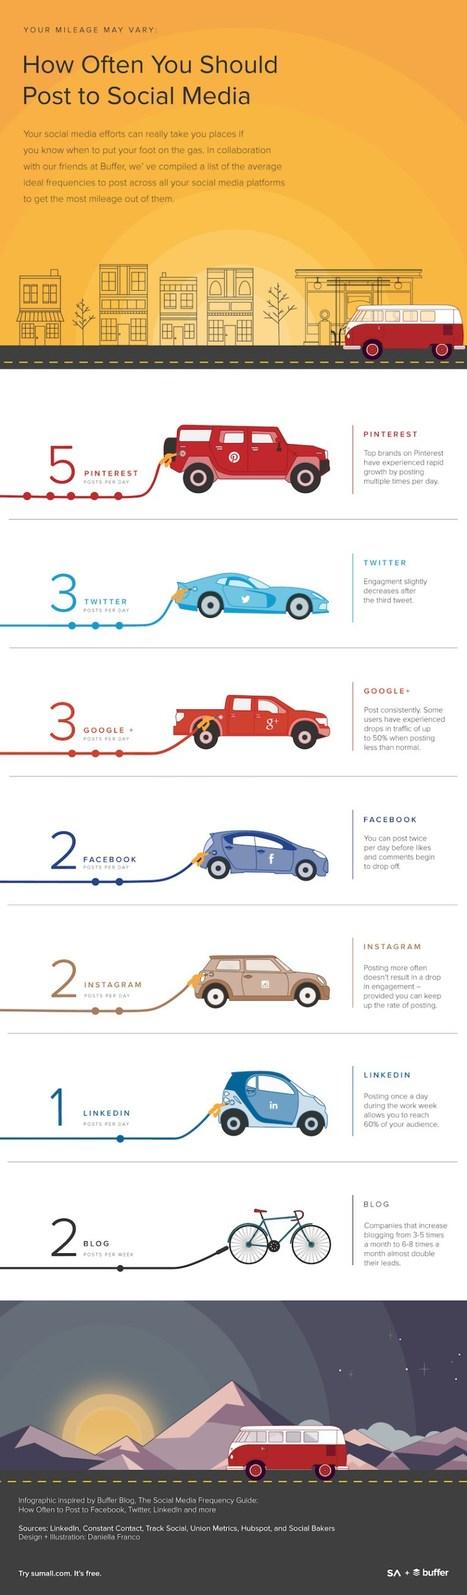 [infographie] Combien de publications par réseaux sociaux ? | Social Media Curation par Mon Habitat Web | Scoop.it